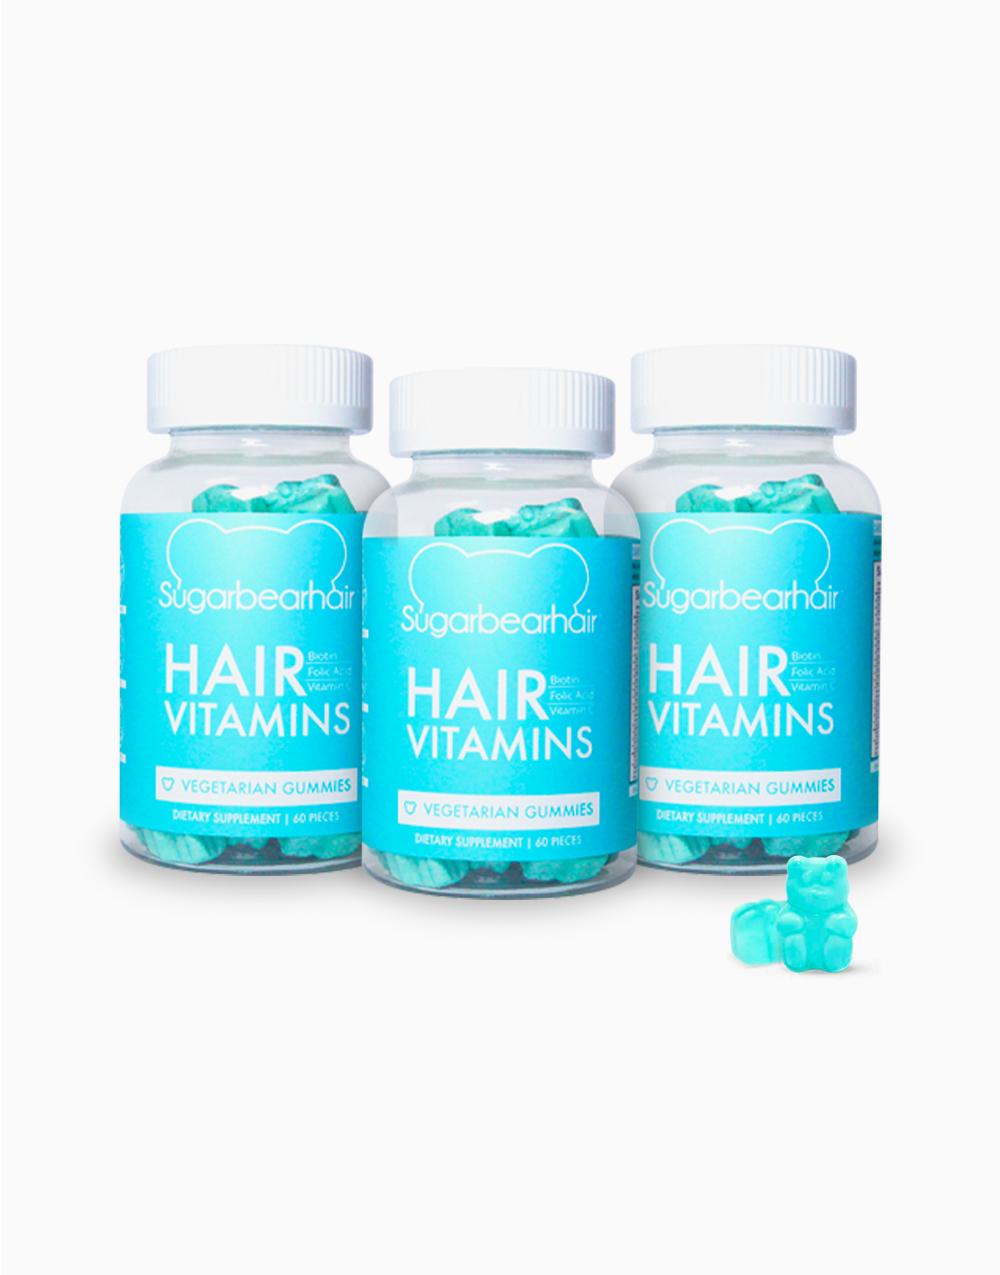 SugarBearHair Vitamins 3-Month Supply Bundle by SugarBearHair